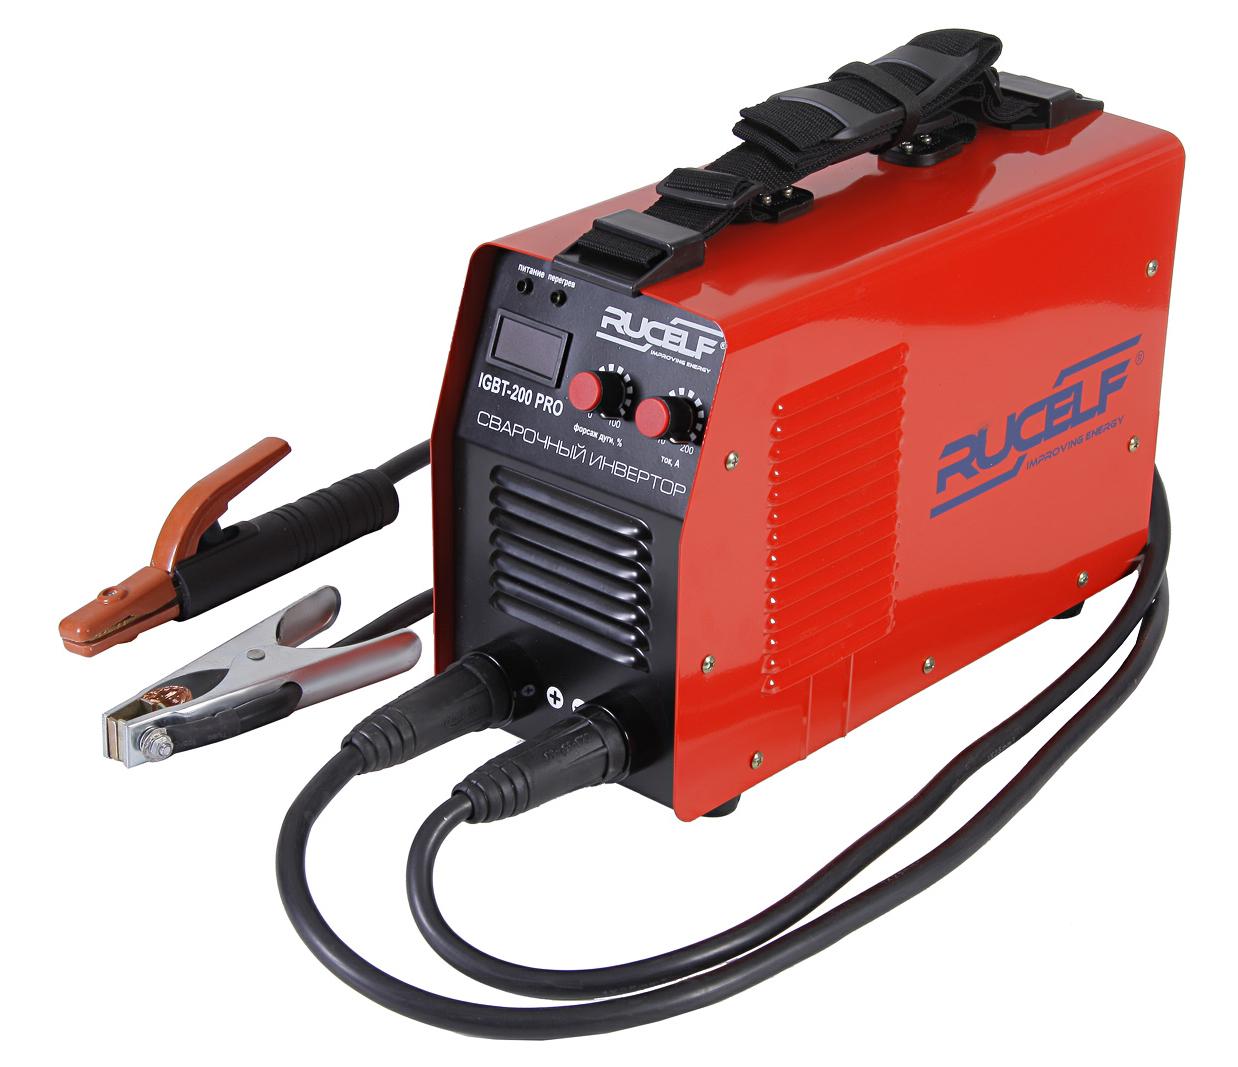 Сварочный аппарат RucelfСварочные аппараты<br>Макс. сварочный ток: 200, Напряжение: 220, Мин. входное напряжение: 130, Выходной ток: 10-200, Напряжение холостого хода: 75, Потребляемый ток: 27, Макс. диаметр электрода: 5, Тип сварочного аппарата: инверторный, Тип сварки: дуговая (электродом, MMA), Инверторная технология: есть, Поставляется в: коробке<br>